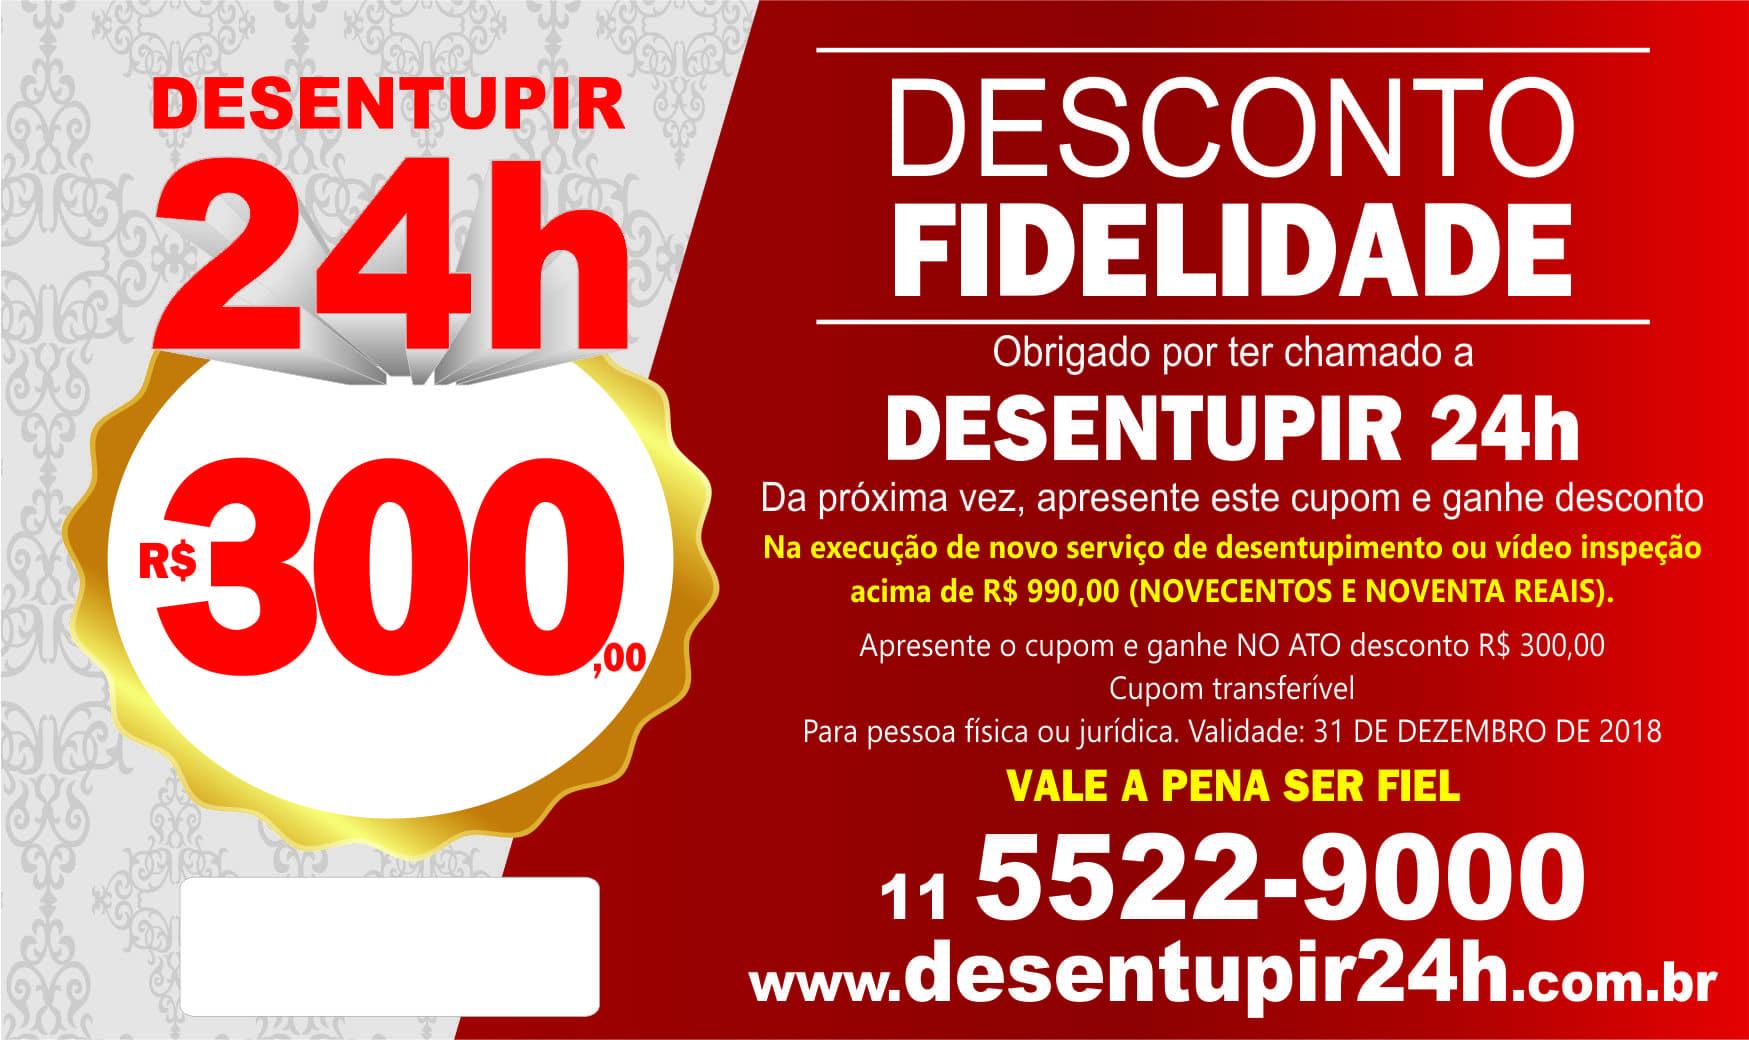 Desentupir 24h Cupom Desconto 2017